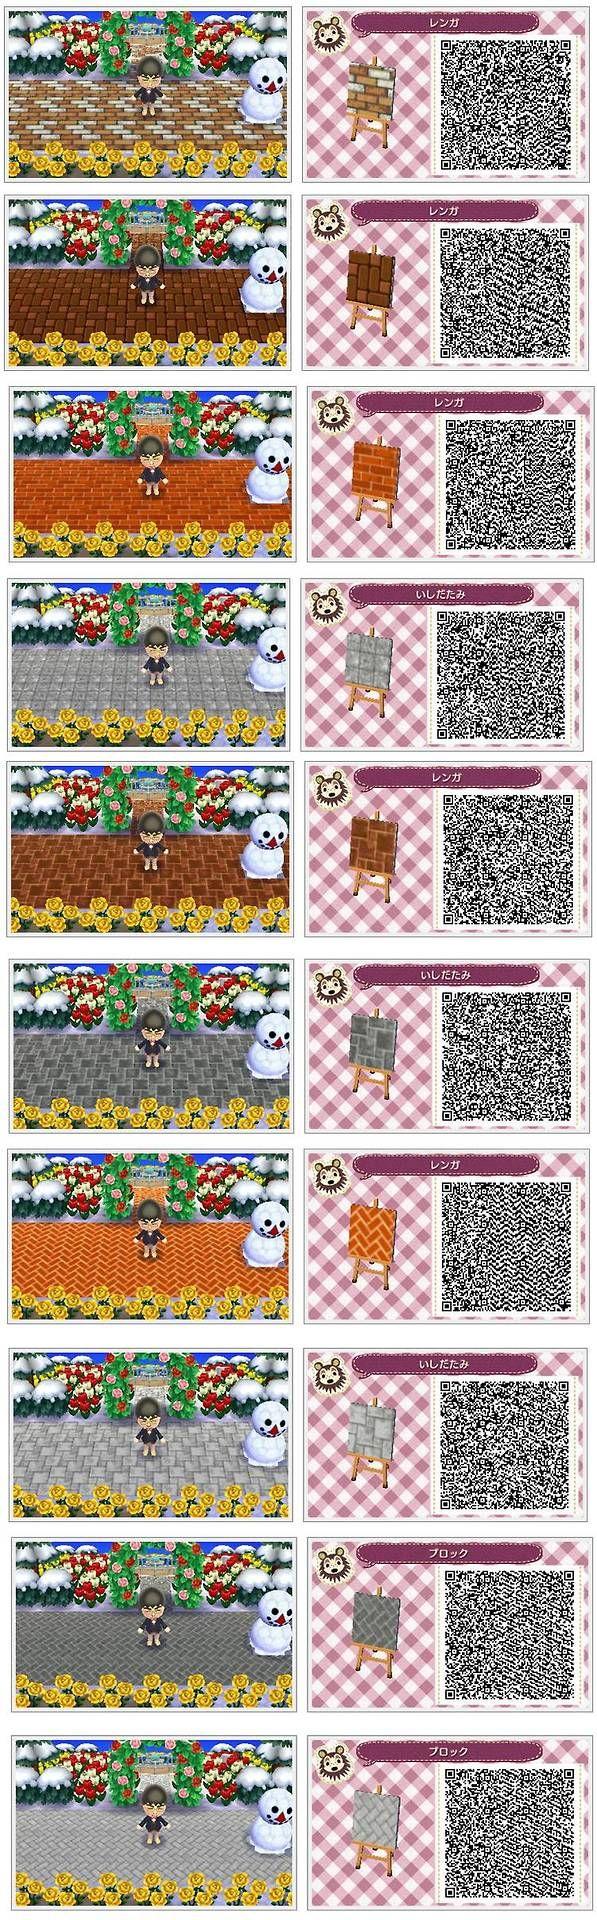 die besten 17 bilder zu animal crossing new leaf qr codes wege auf pinterest animal crossing. Black Bedroom Furniture Sets. Home Design Ideas